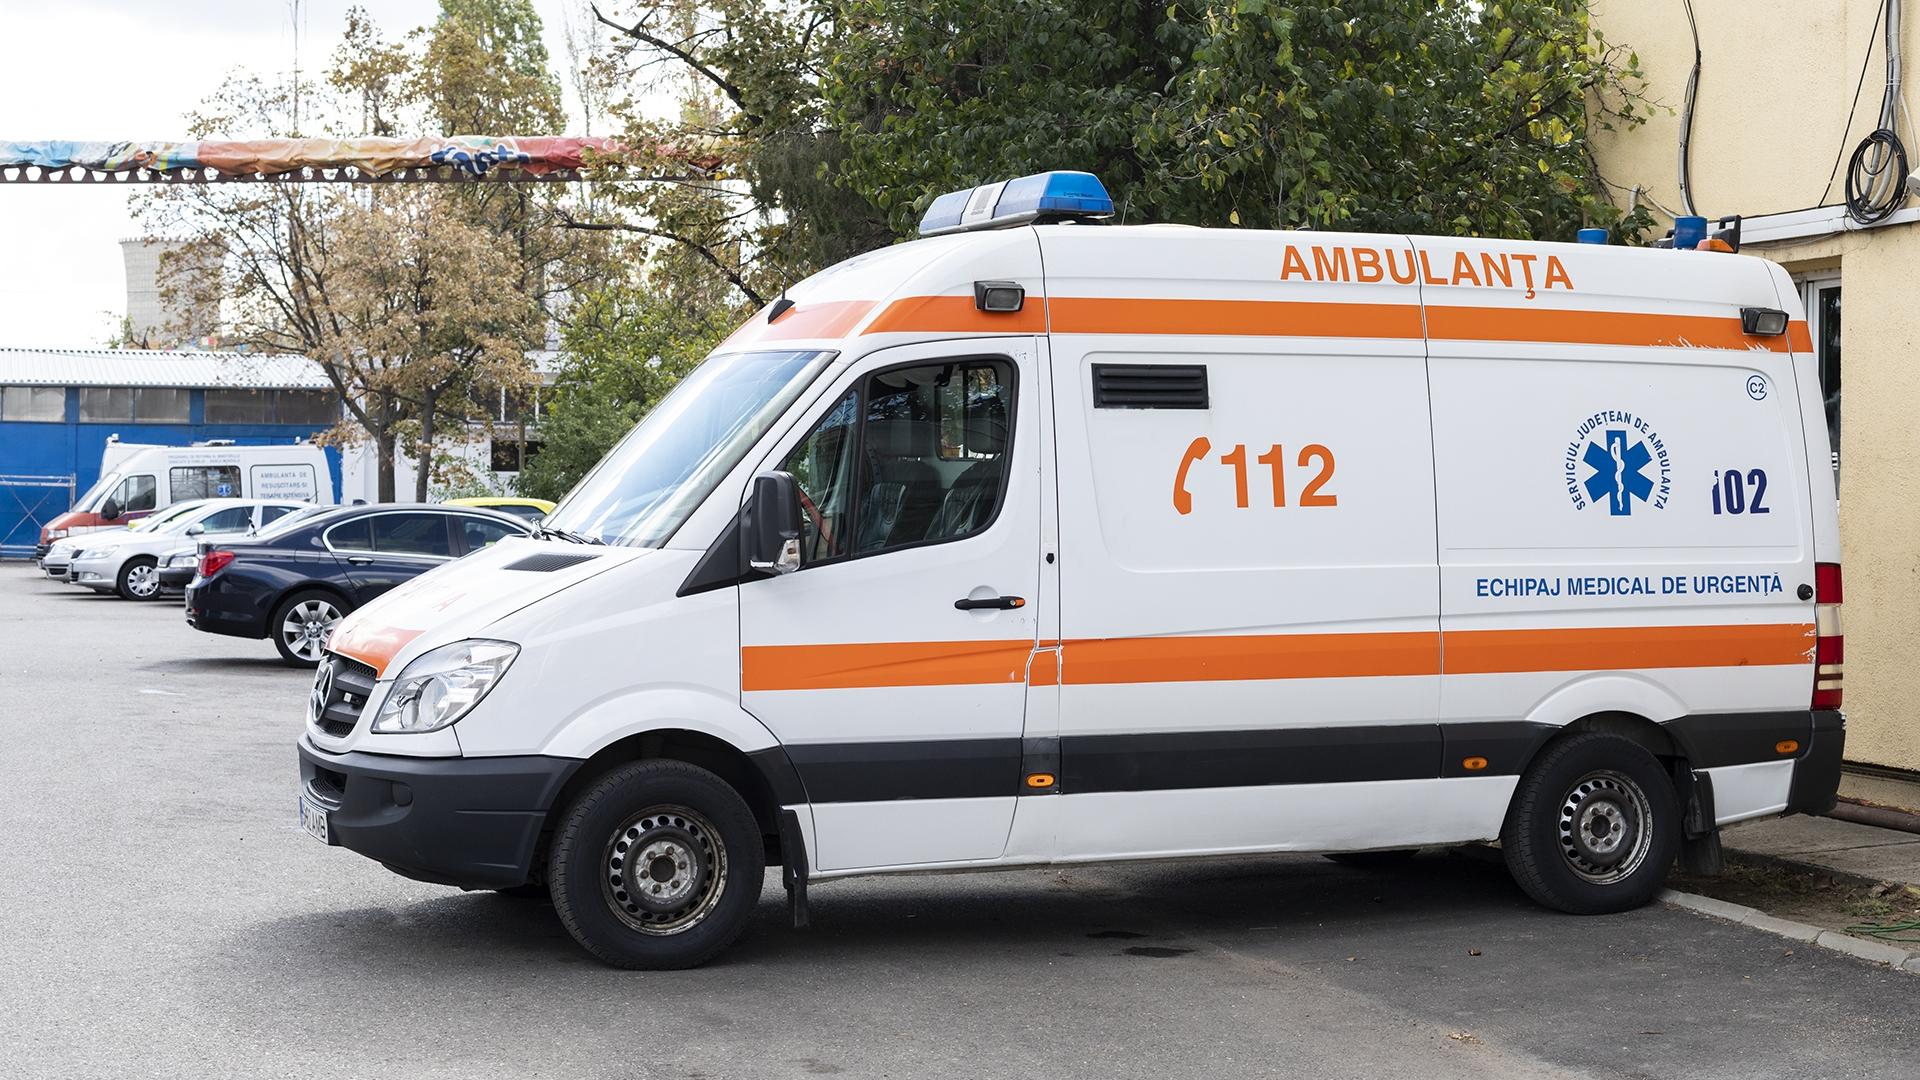 De teama coronavirusului, un cuplu din Bacău a dezinfectat casa pe care tocmai o închiriase. Bărbatul a murit, iar femeia...